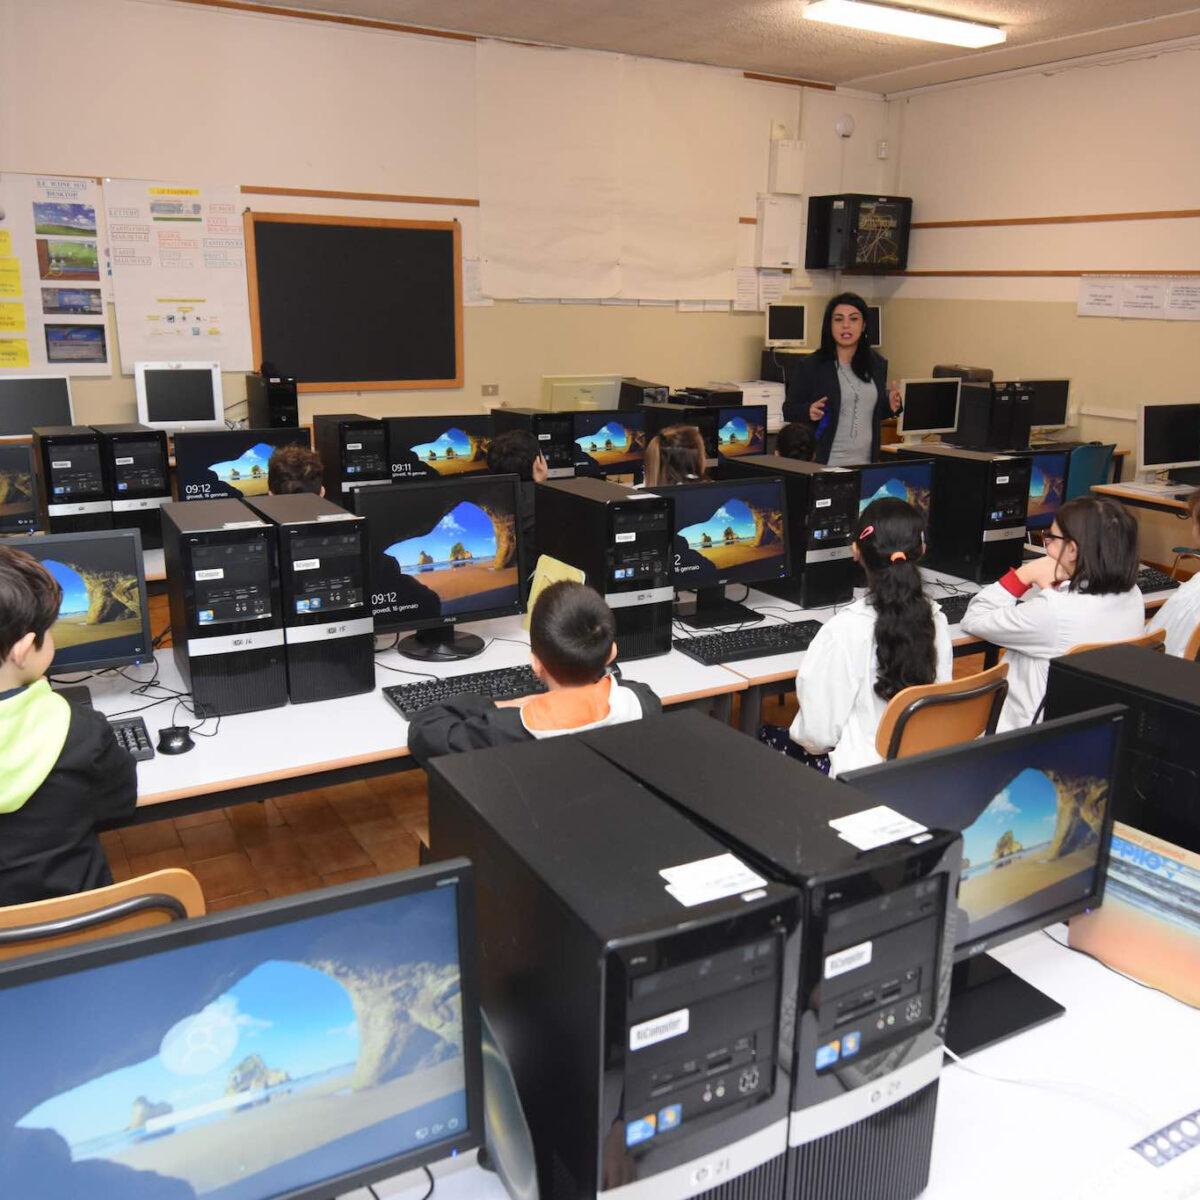 Nuova aula informatica alla scuola elementare Rivalti di Forlì